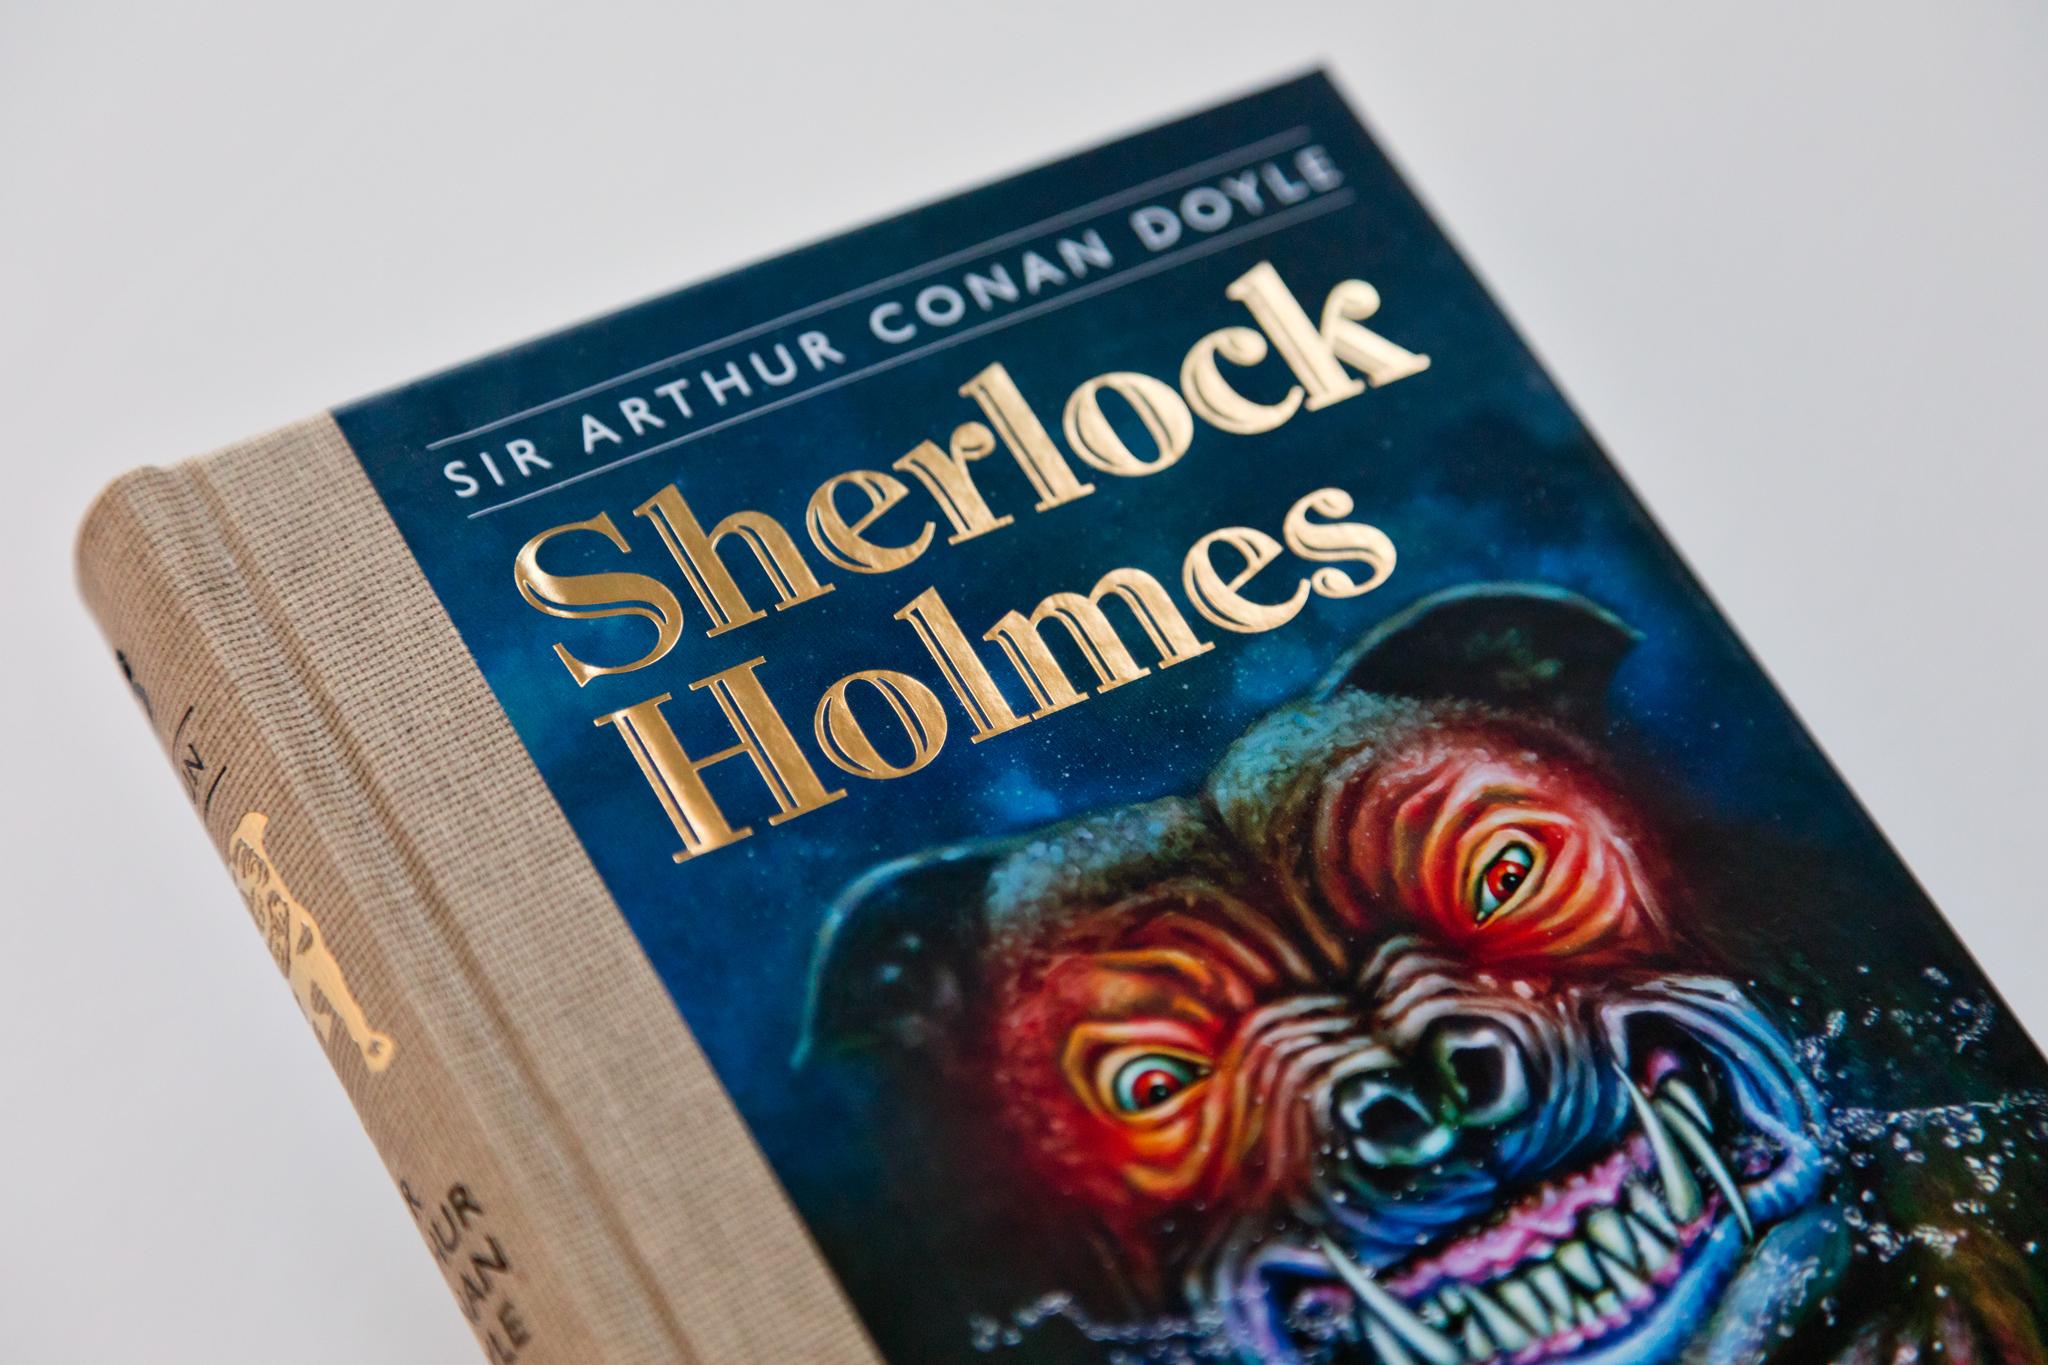 001_Sherlock Holmes_HOUN_3F3A9601